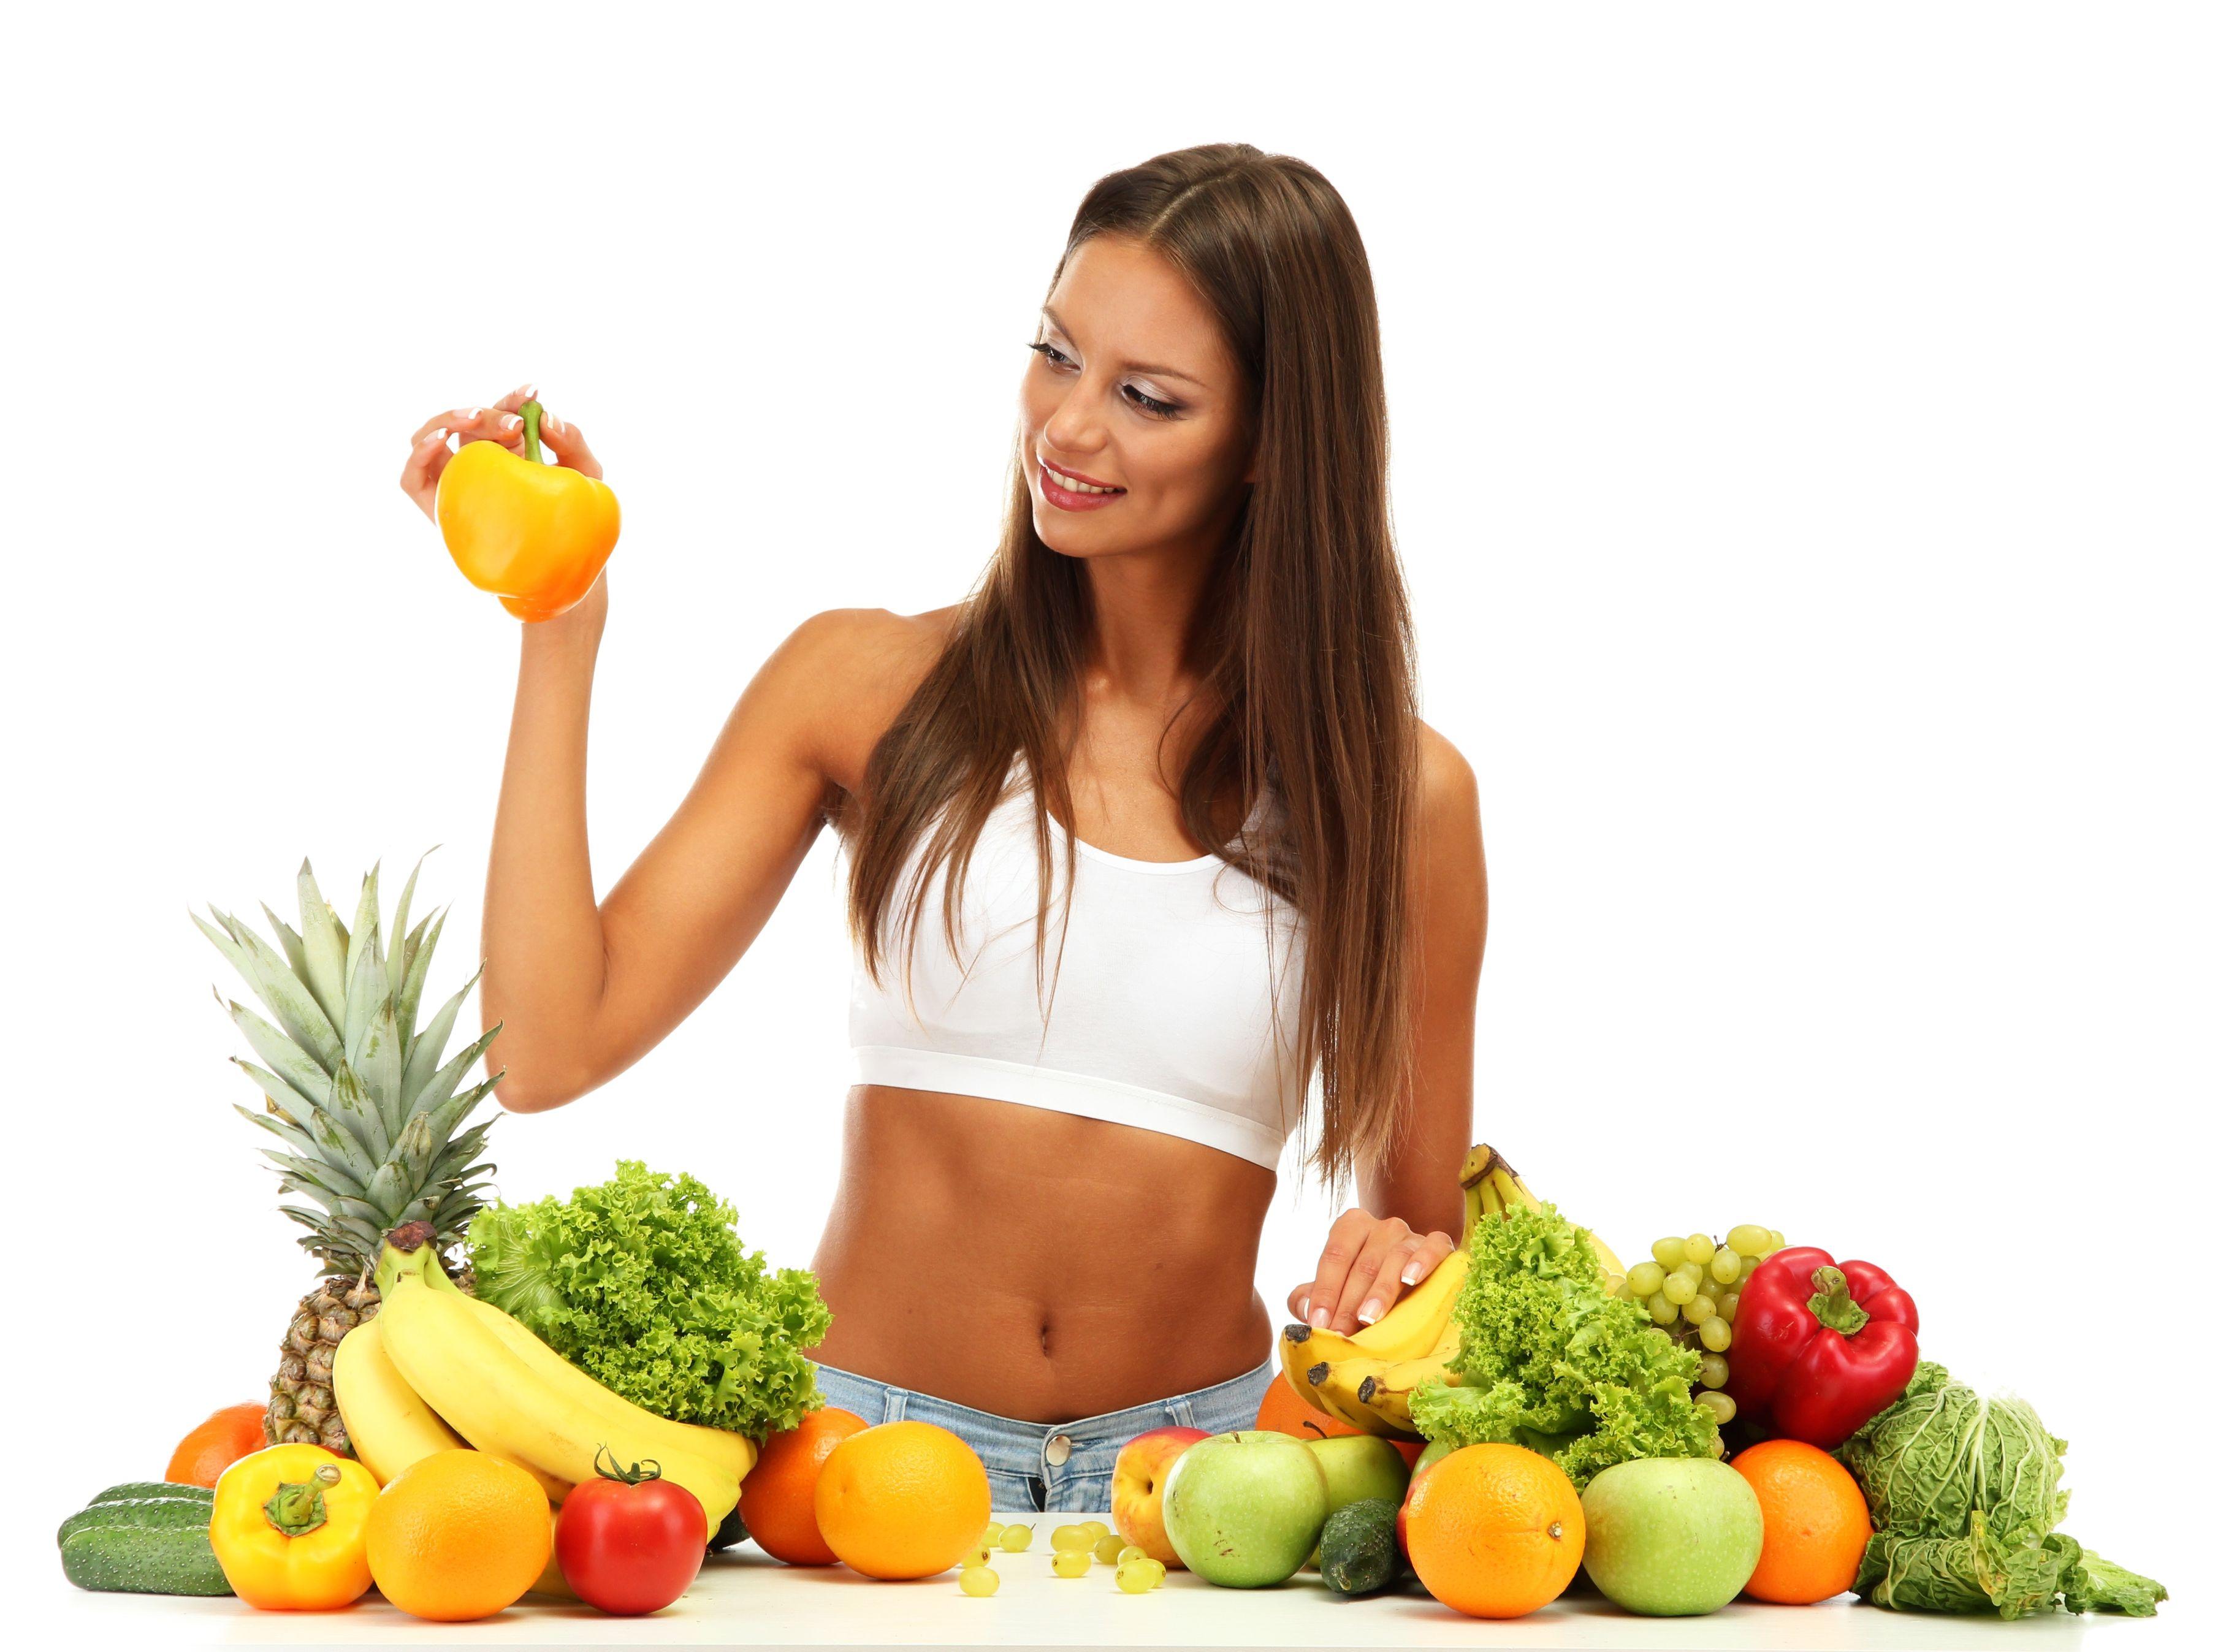 Las mejores dietas y trucos para adelgazar